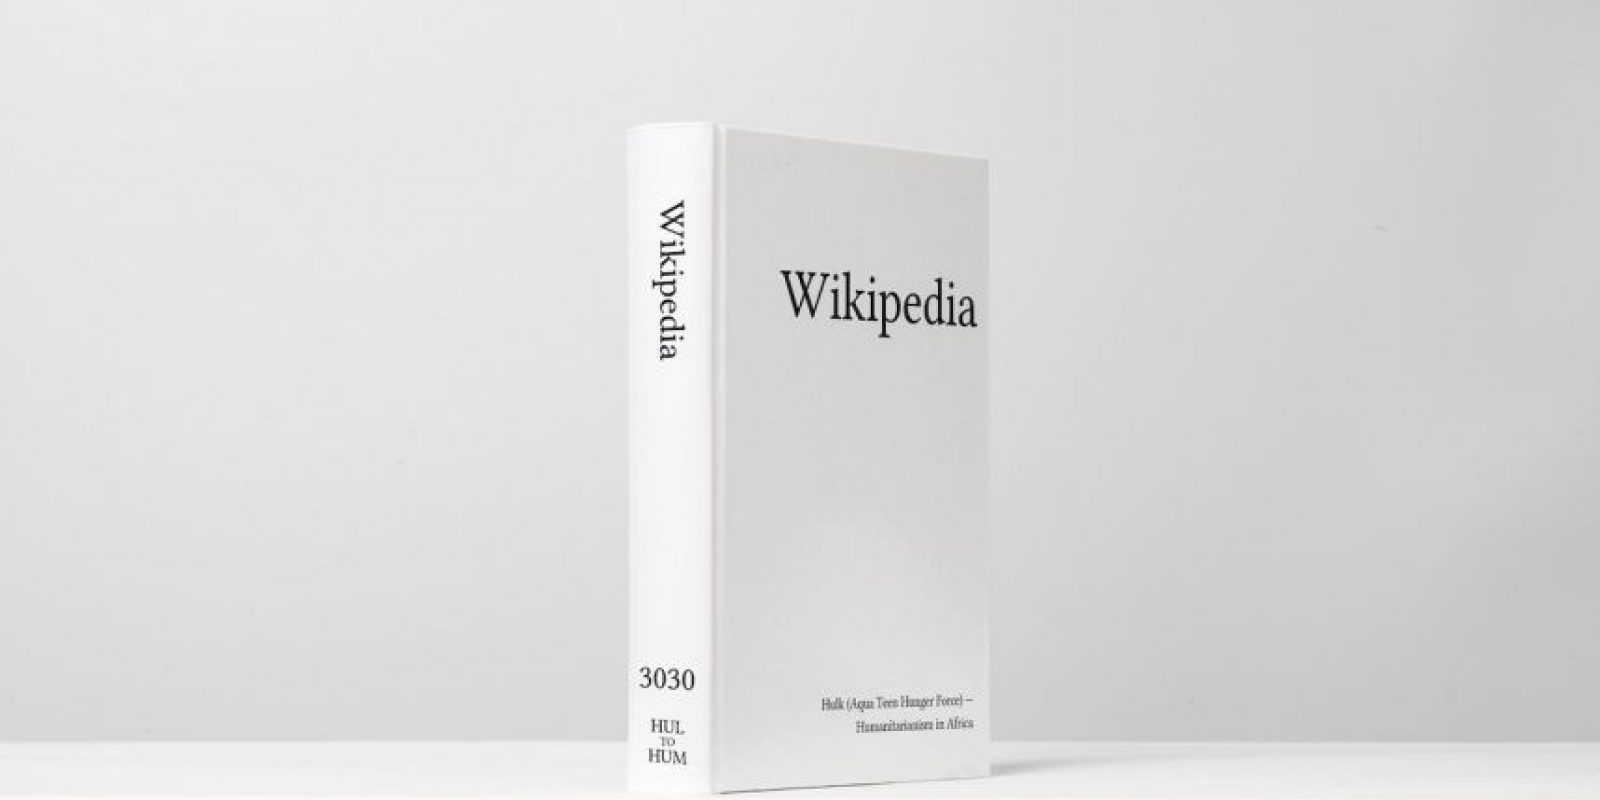 Tan solo la versión inglesa tendría un costo superior a 500 mil dólares. Foto:printwikipedia.com